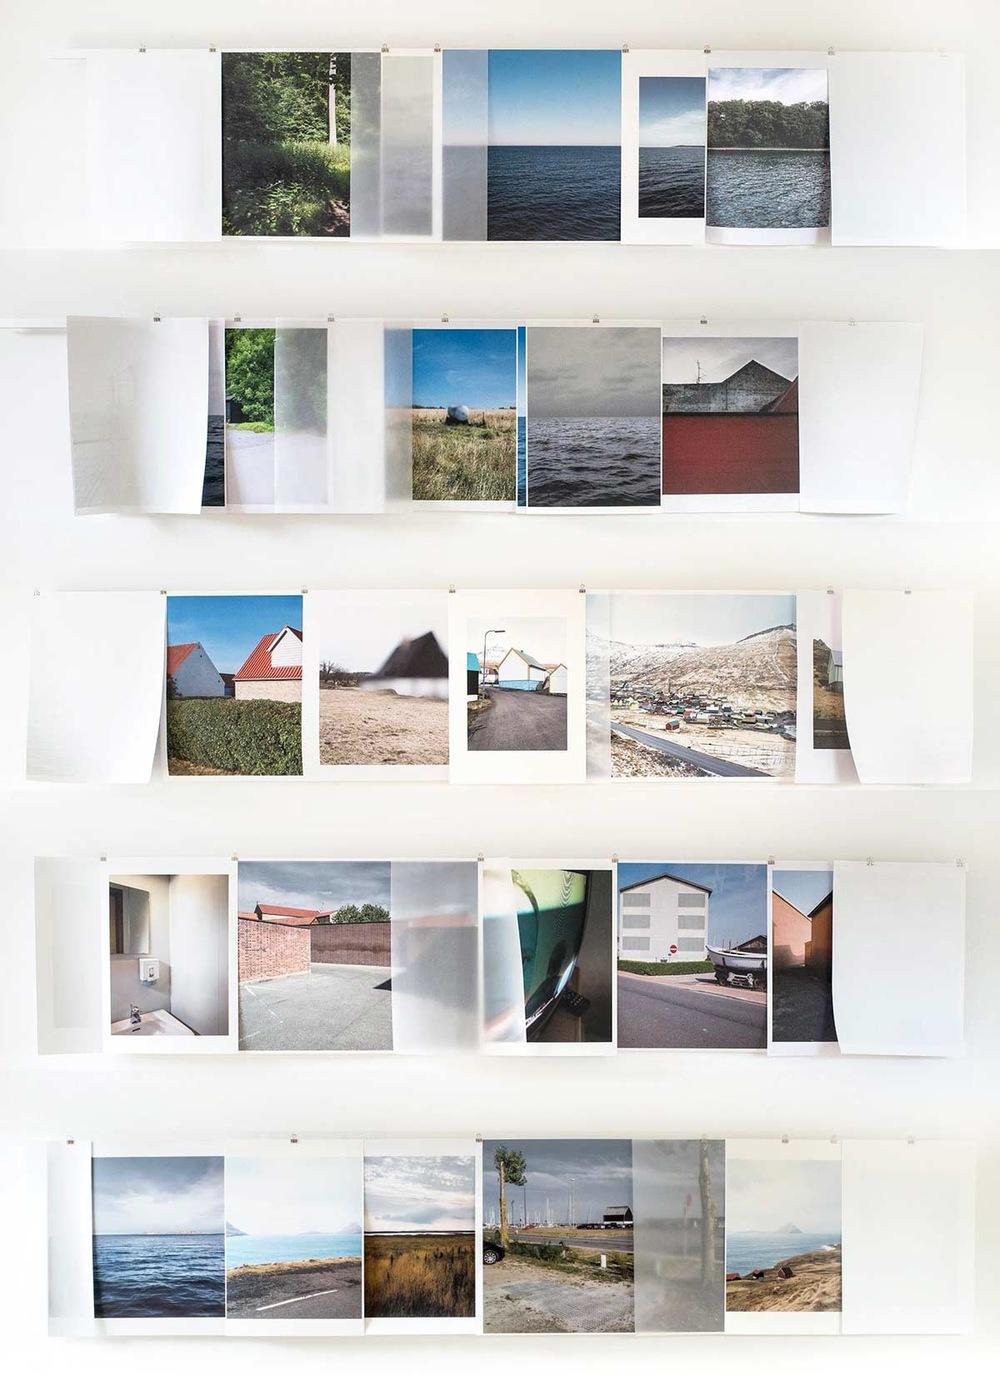 RFLXN Landesausstellung für Fotografie in Schleswig-Holstein - JanKB